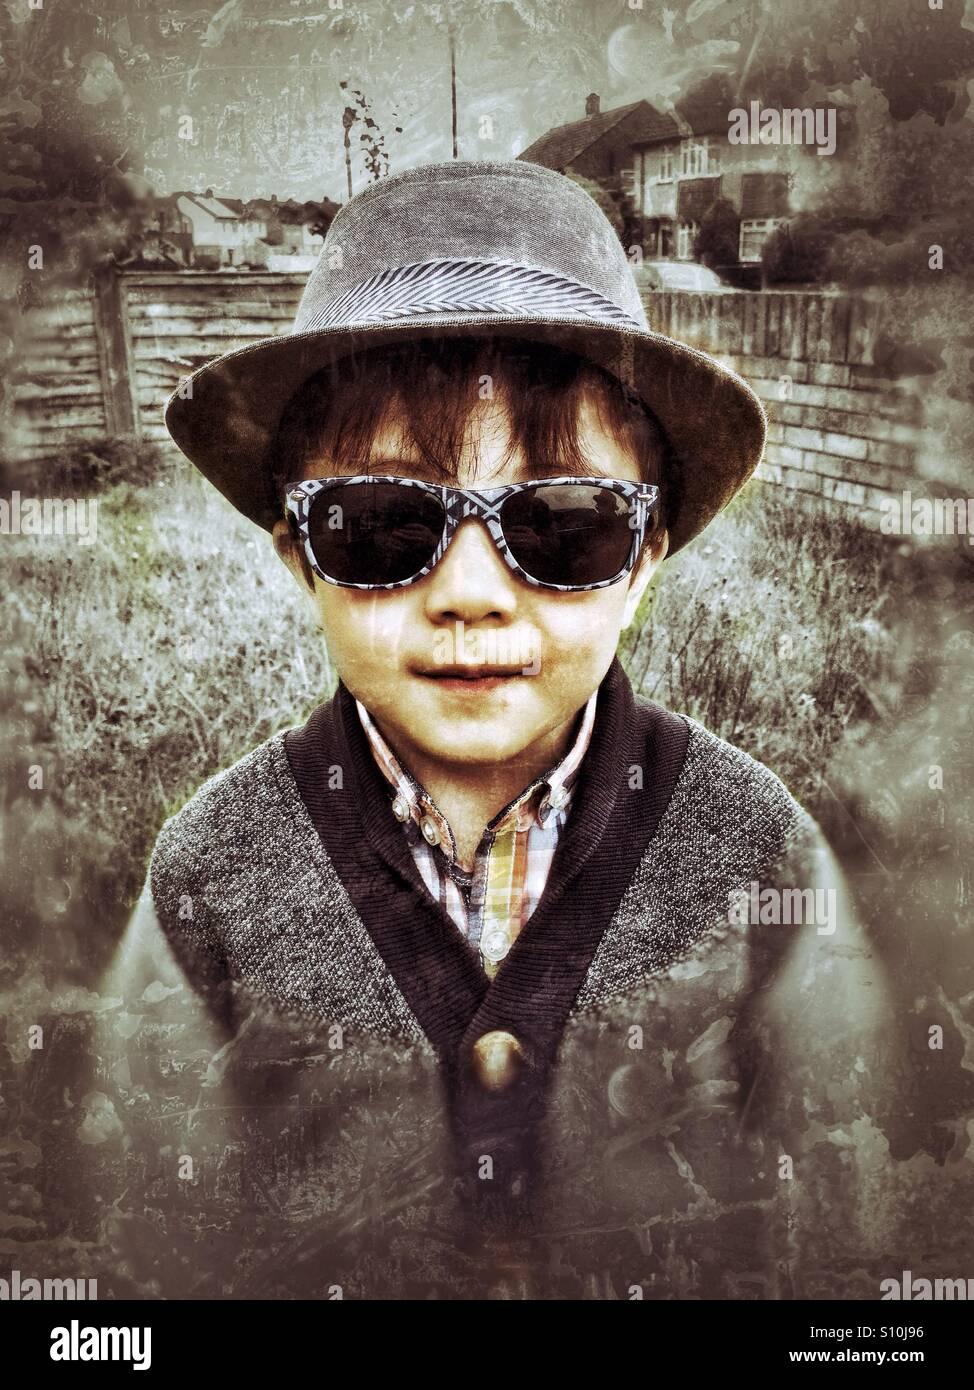 Un jeune garçon portant un chapeau et des lunettes de soleil. Photo Stock